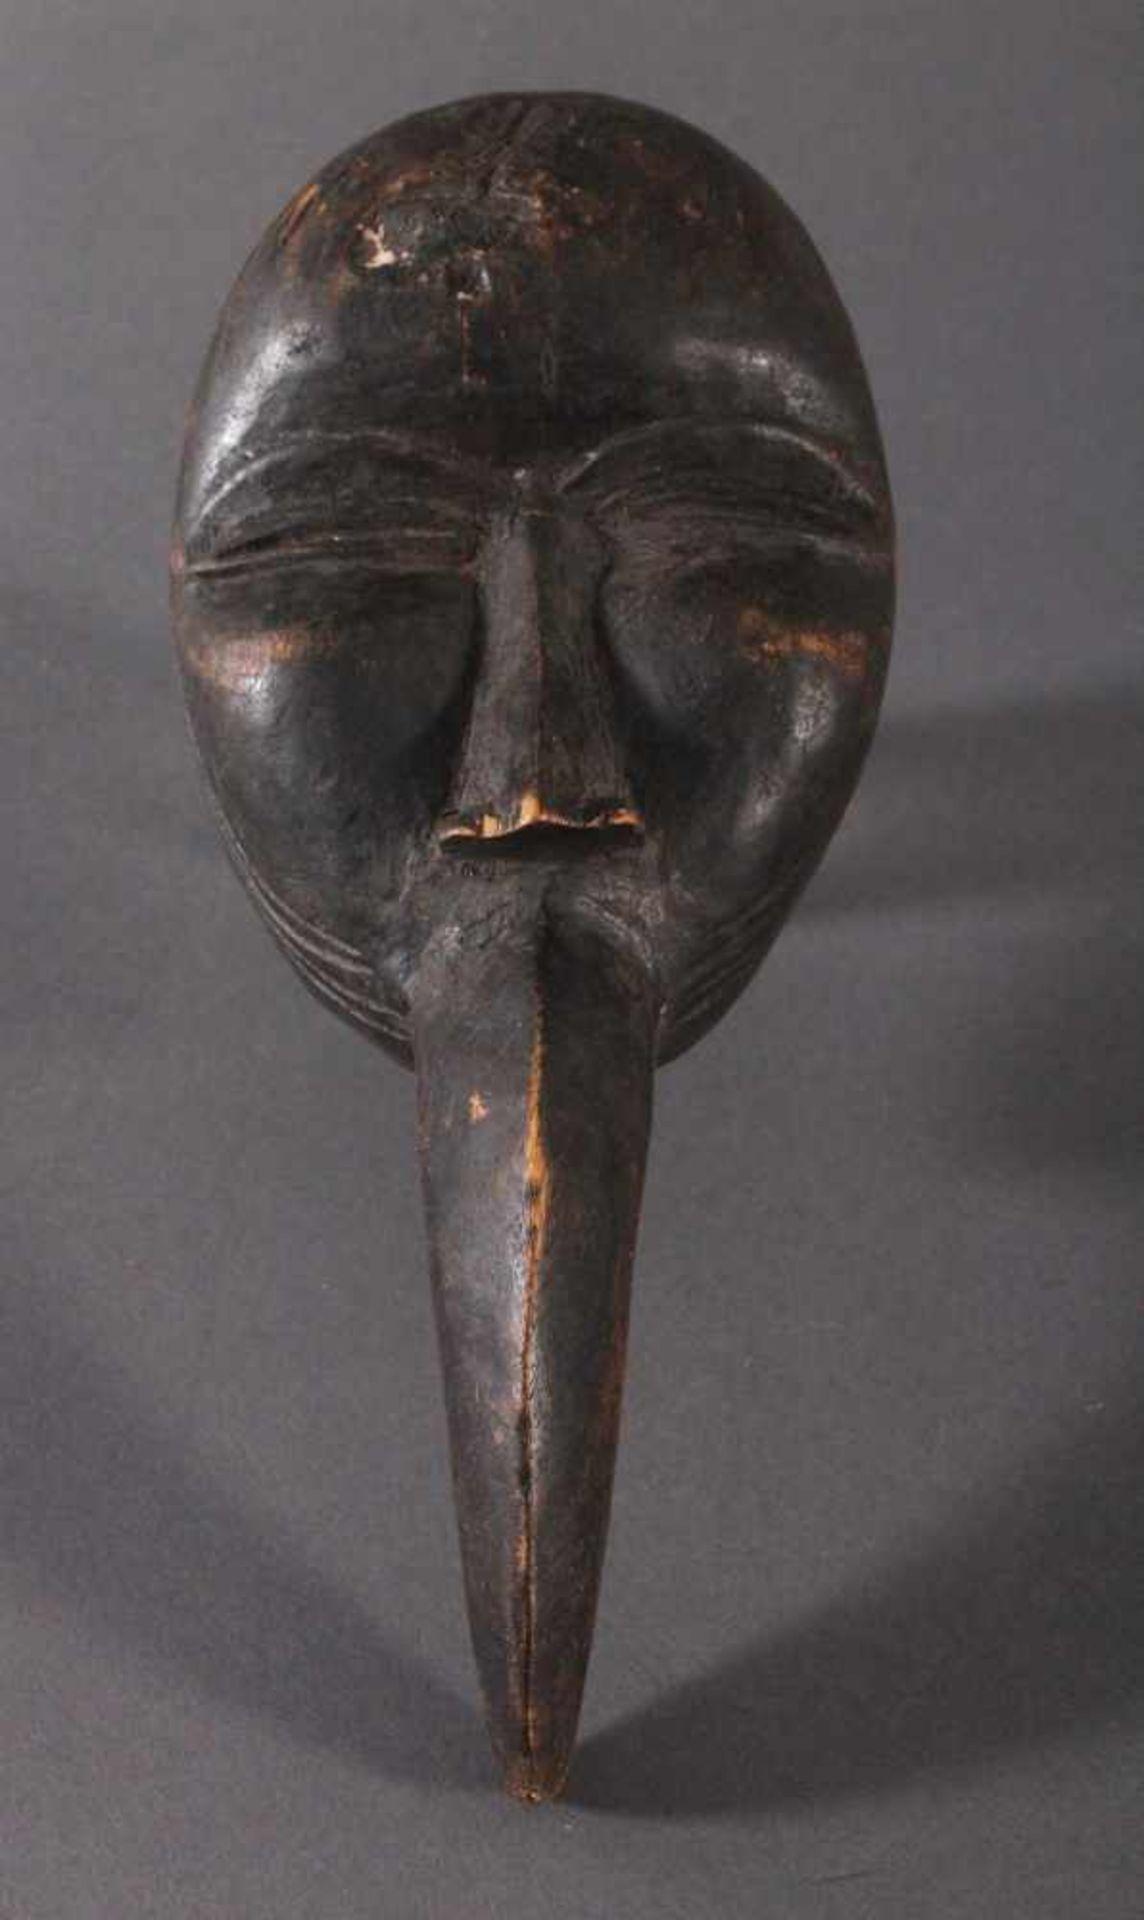 Antike Maske, Dan, Liberia 1. Hälfte 20. Jh.Holz geschnitzt, dunkle Patina, Schnabelmaske, ca. 6 x